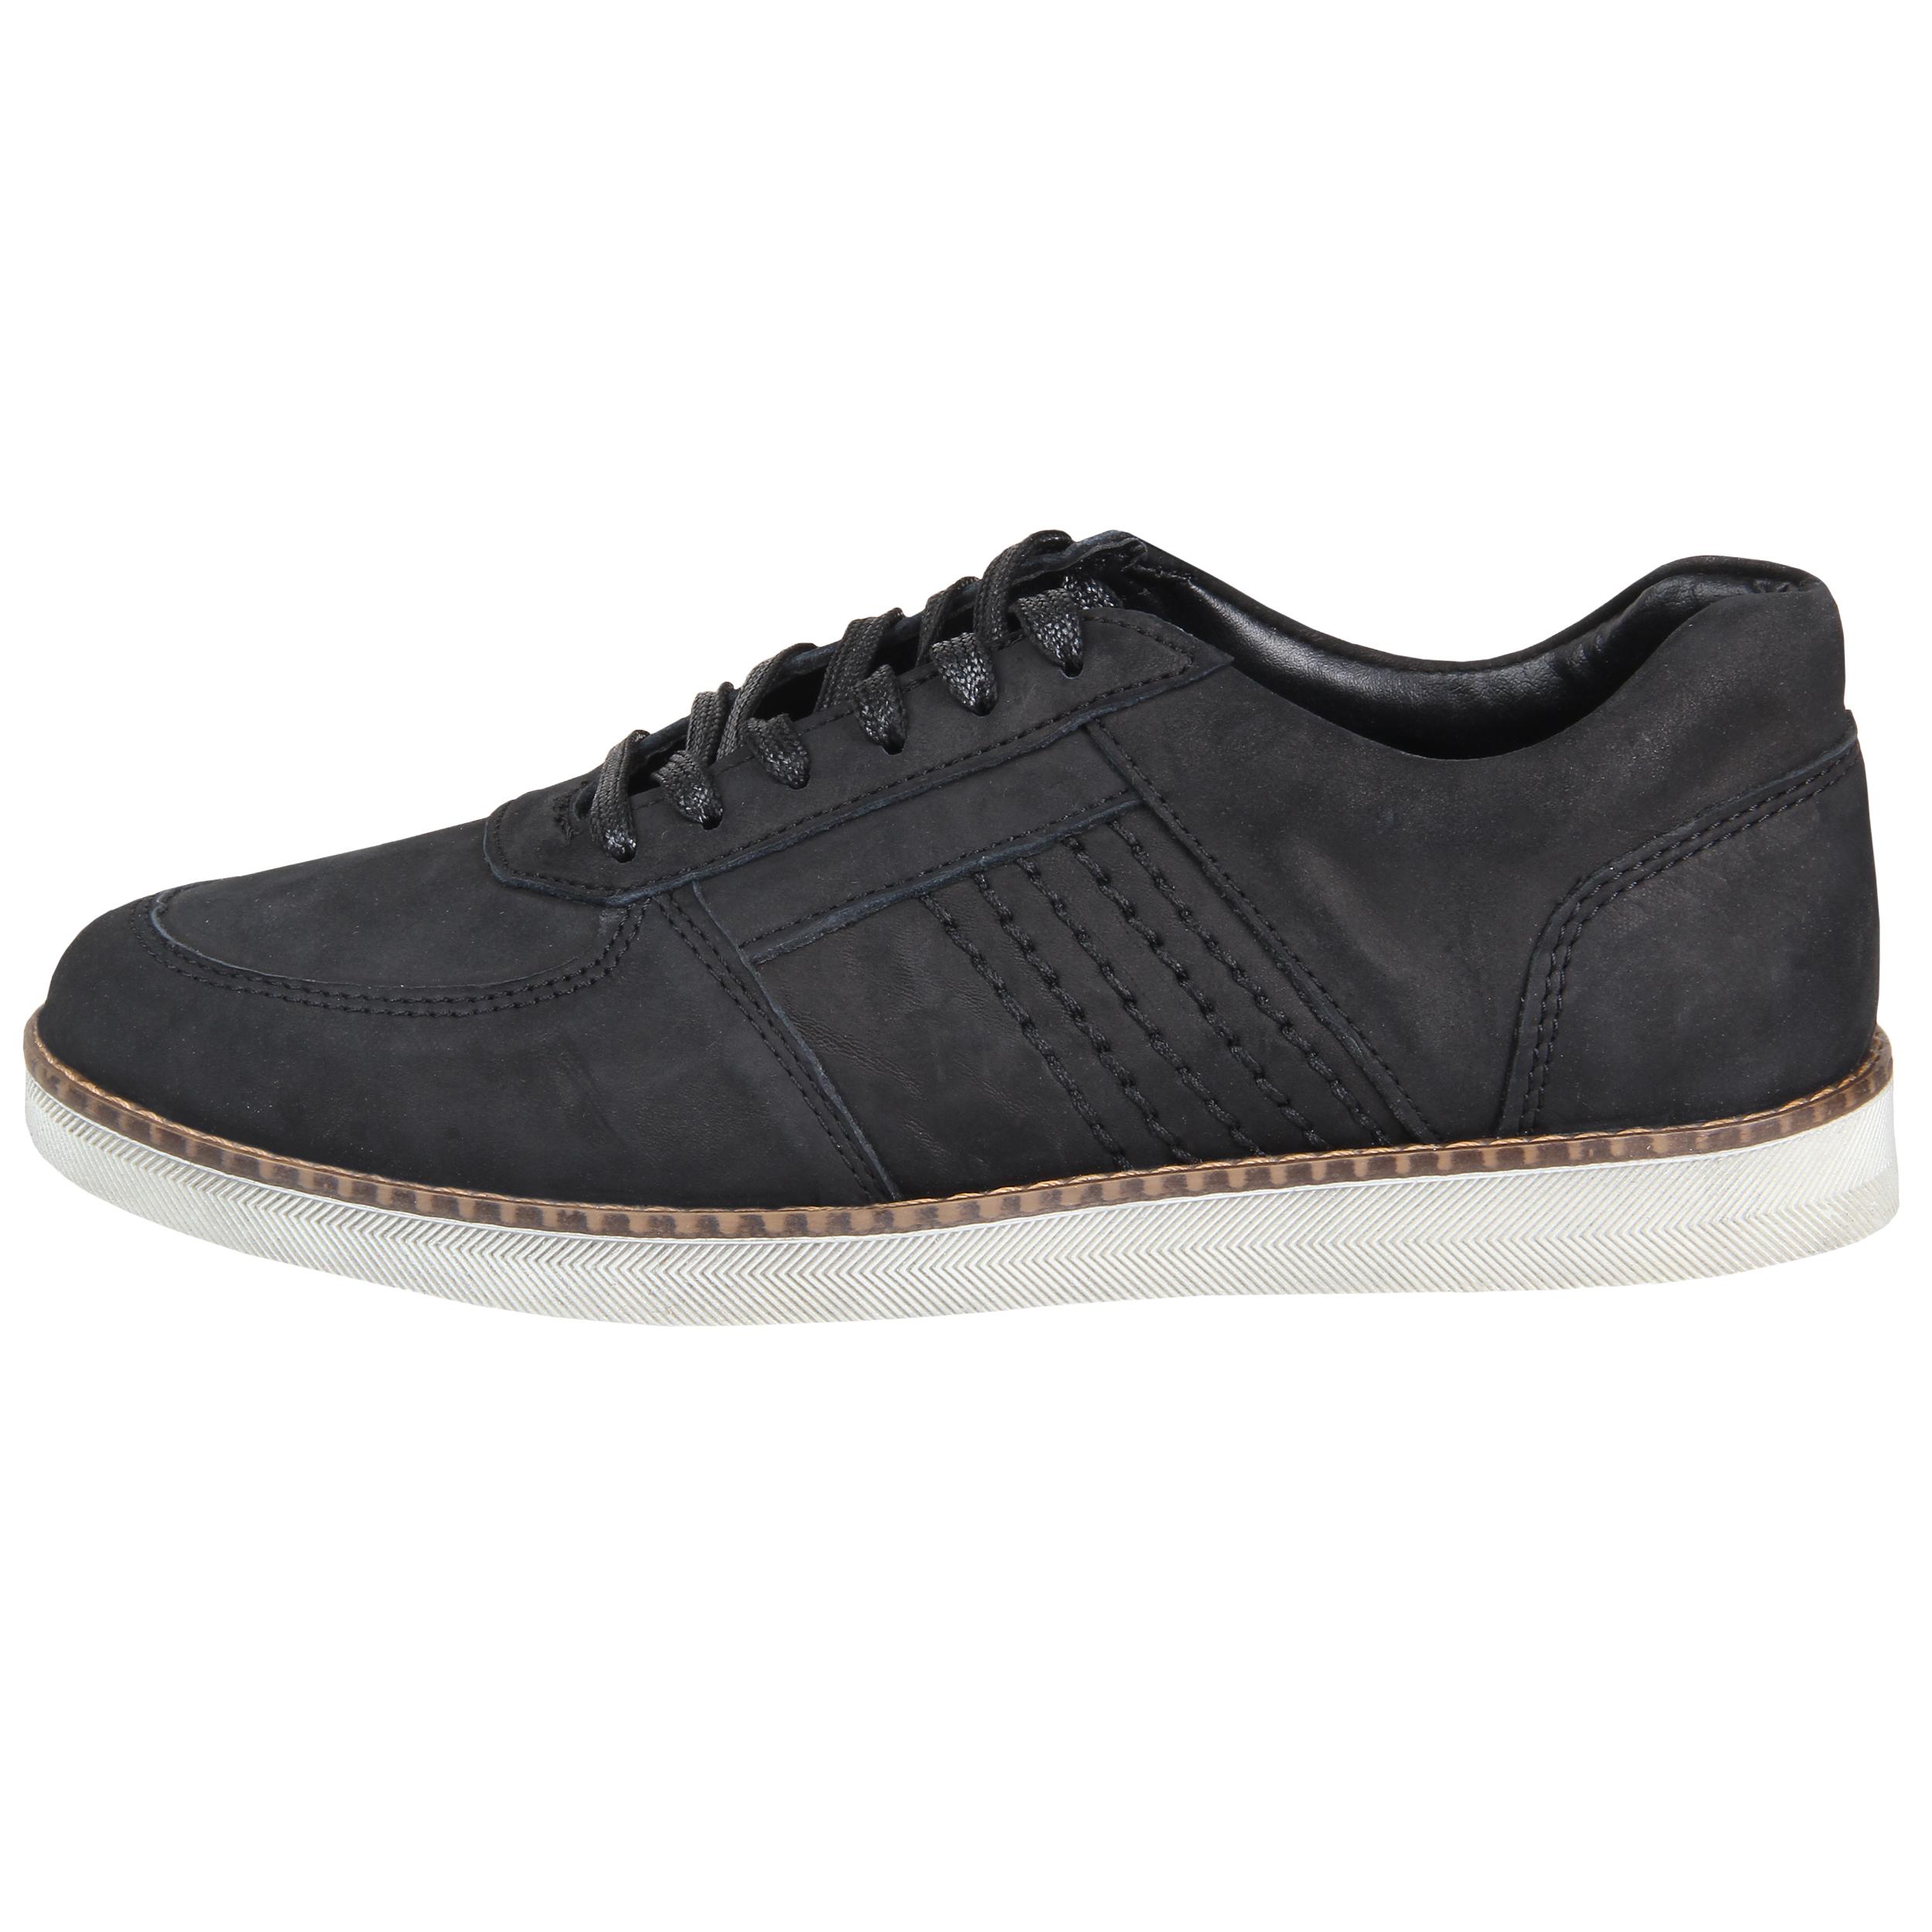 قیمت کفش راحتی مردانه  کد 1-2390950